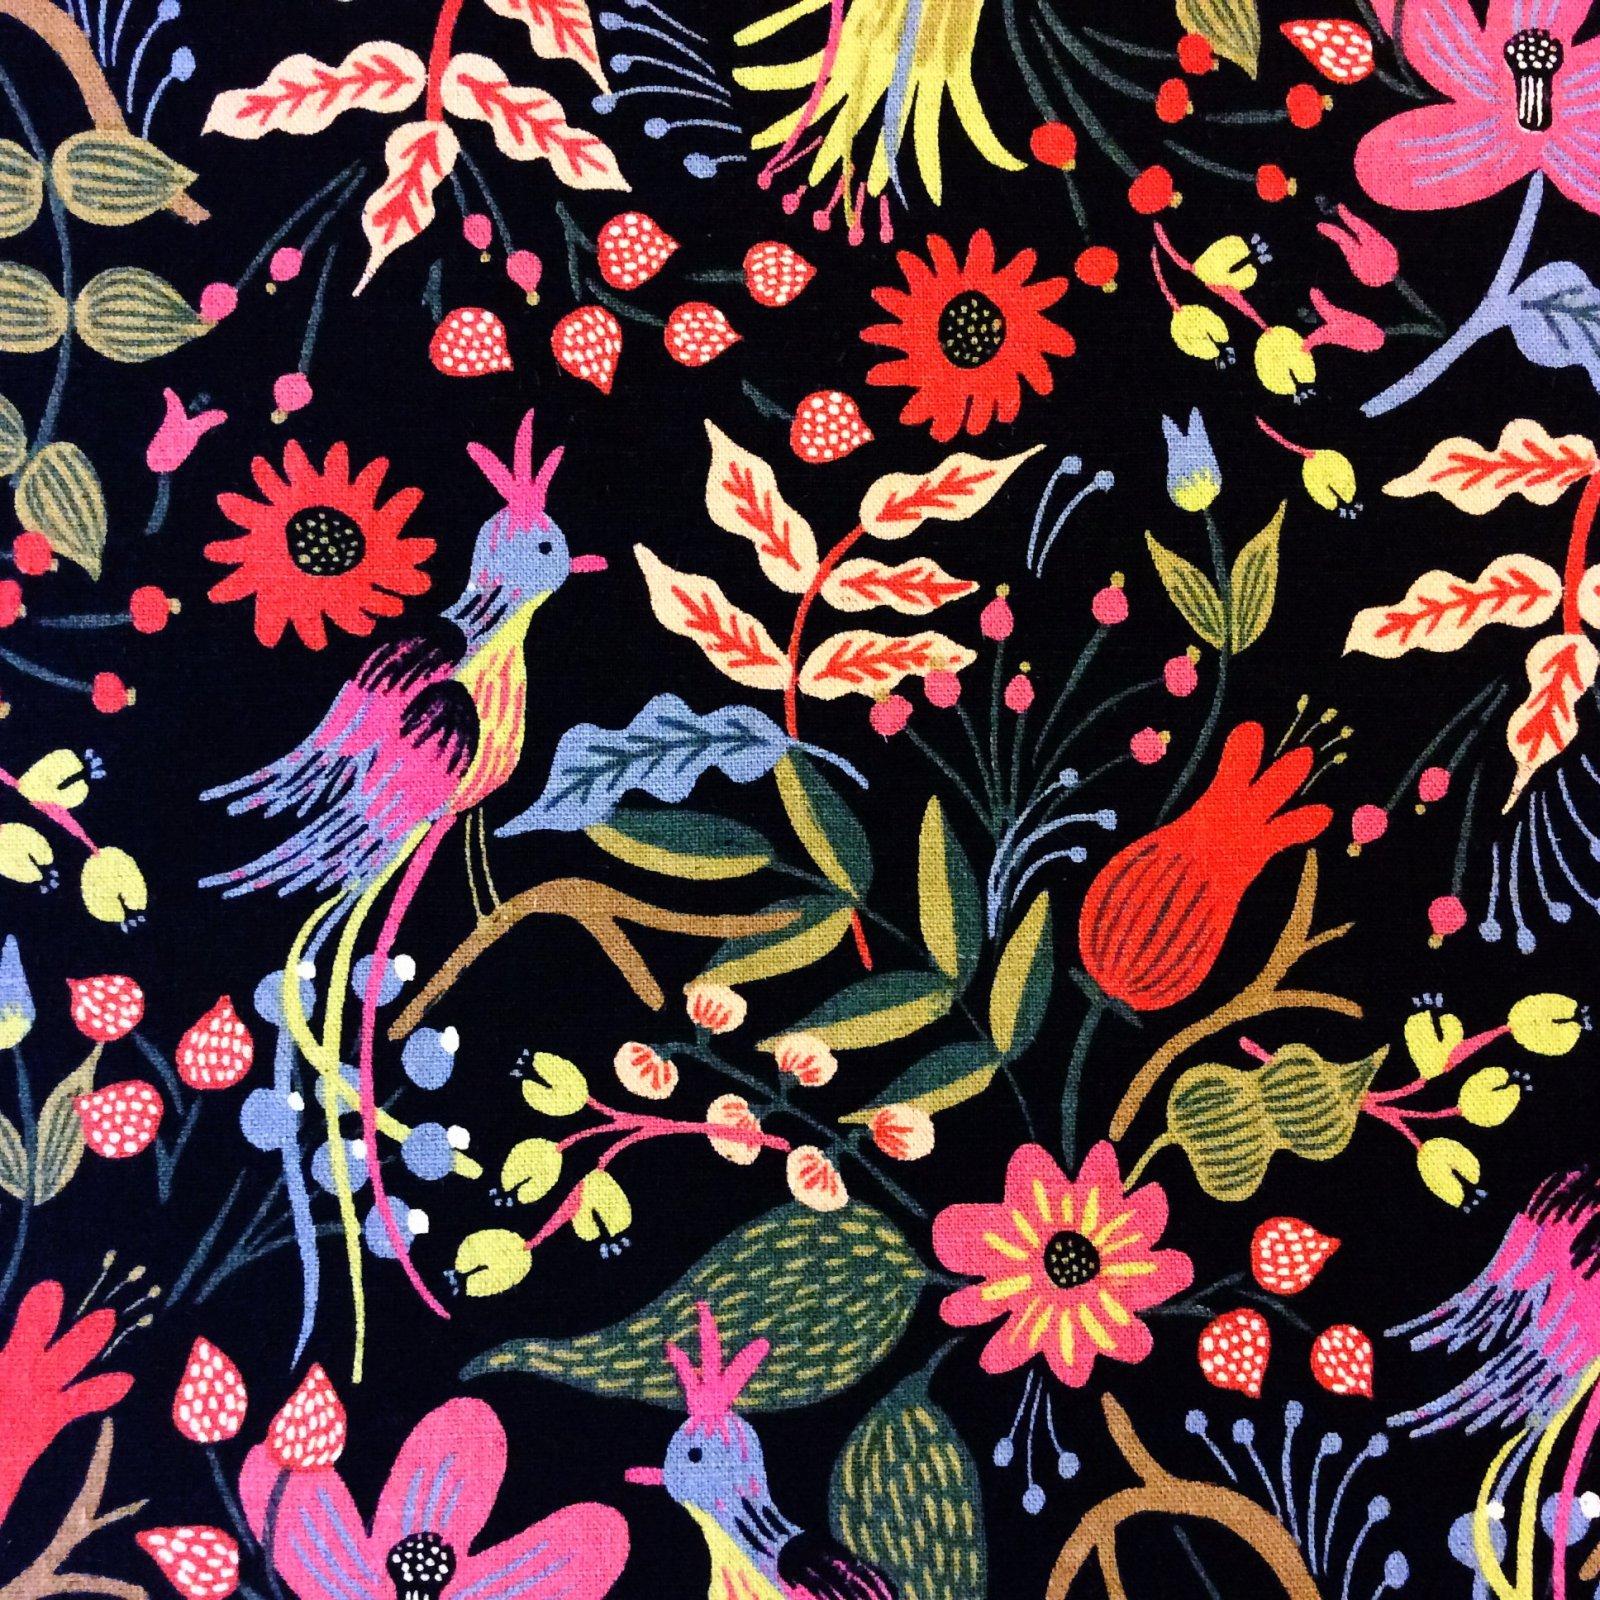 Cotton + Steel Les Fleurs Rifle Paper Folk Birds Black Floral Flowers Vibrant Cotton Canvas Quilt Fabric CTN81